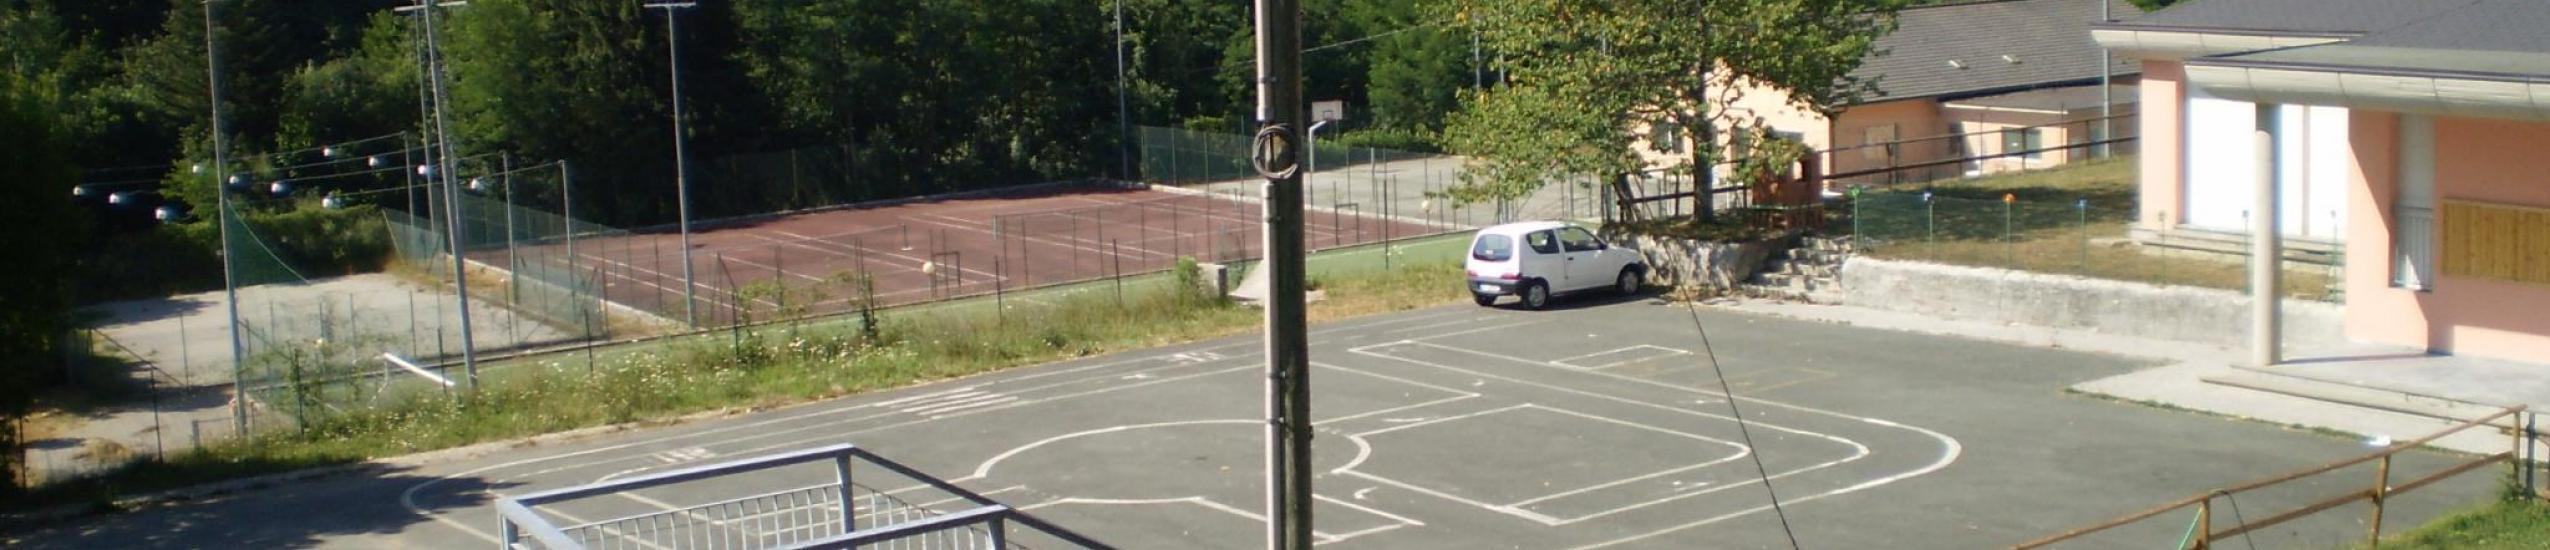 Parcheggio panoramica